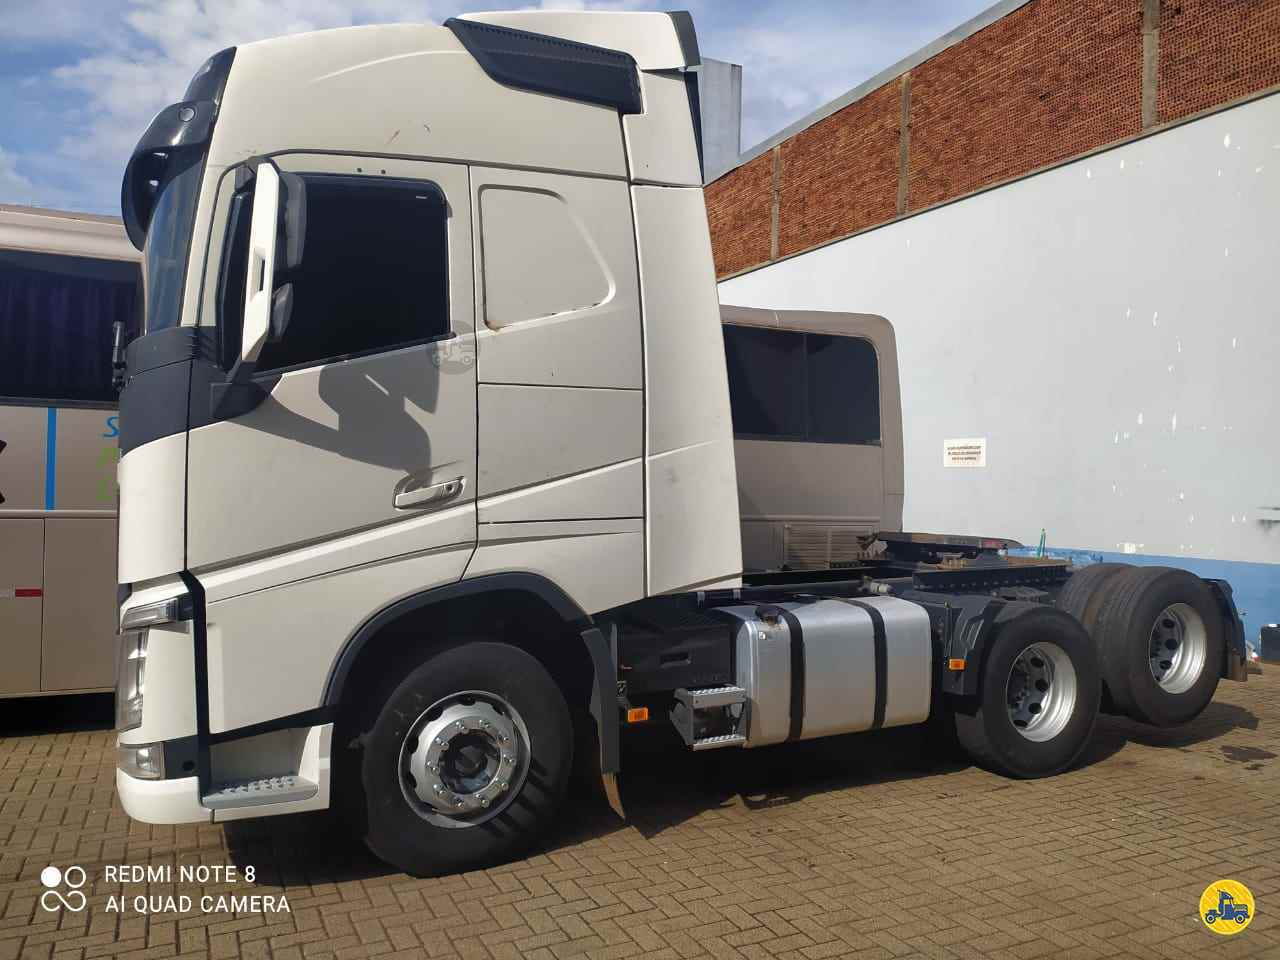 CAMINHAO VOLVO VOLVO FH 460 Cavalo Mecânico Truck 6x2 Mercediesel Caminhões ARAPONGAS PARANÁ PR